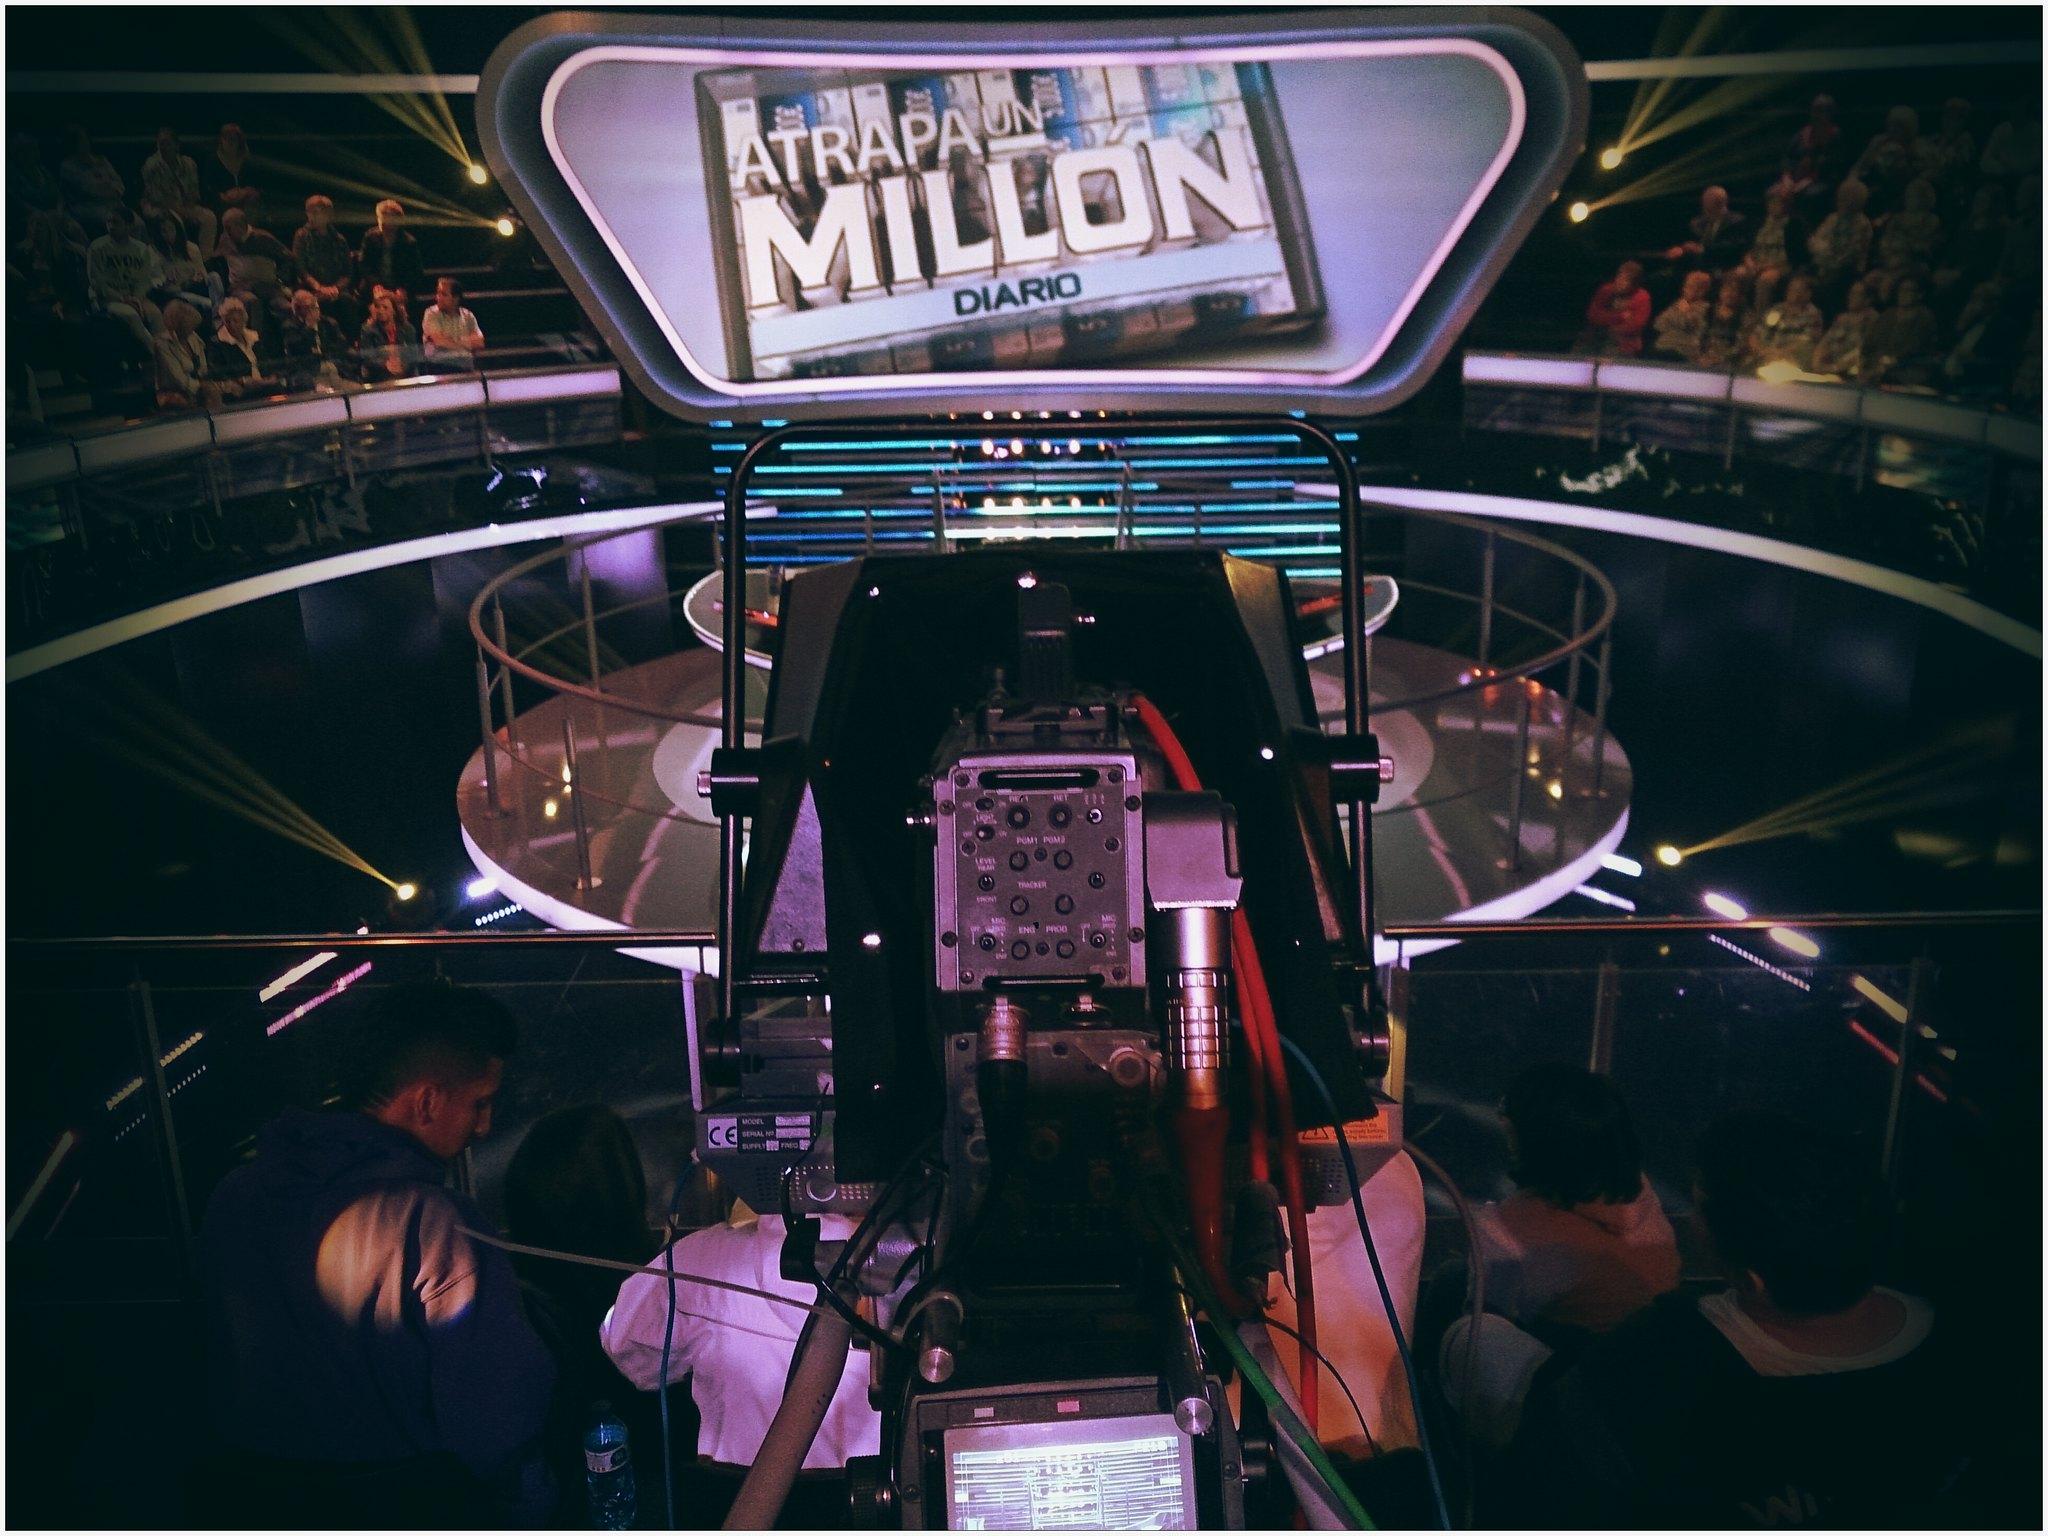 Atrapa un millón concurso presentado por Carlos Sobera